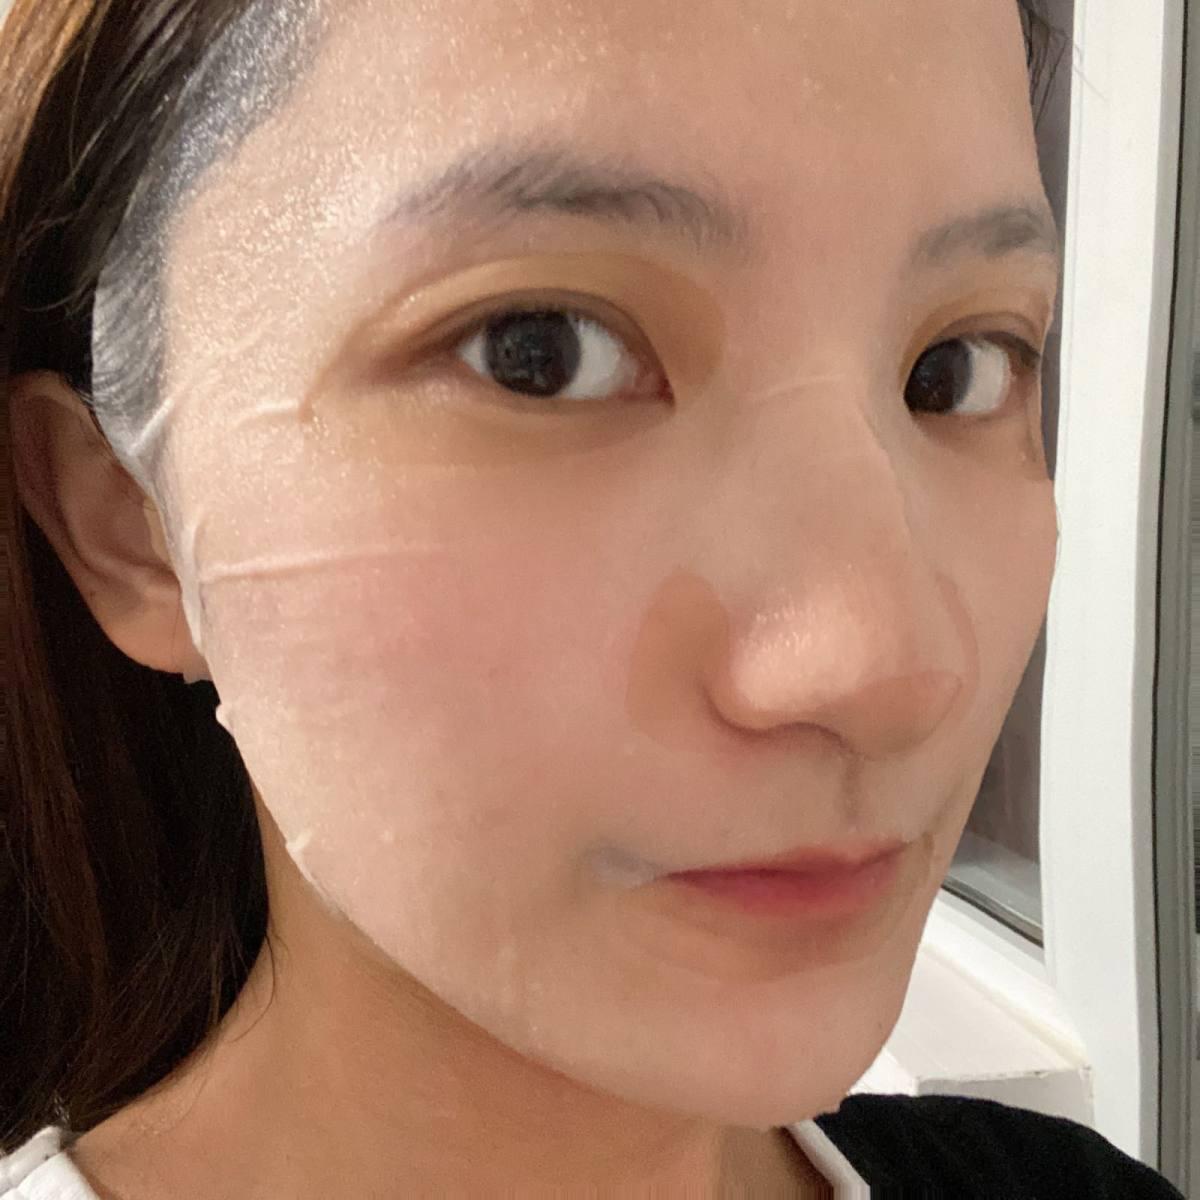 7天面膜挑战DAY6🥰蒂佳婷绿丸面膜,我最爱的面膜之一!